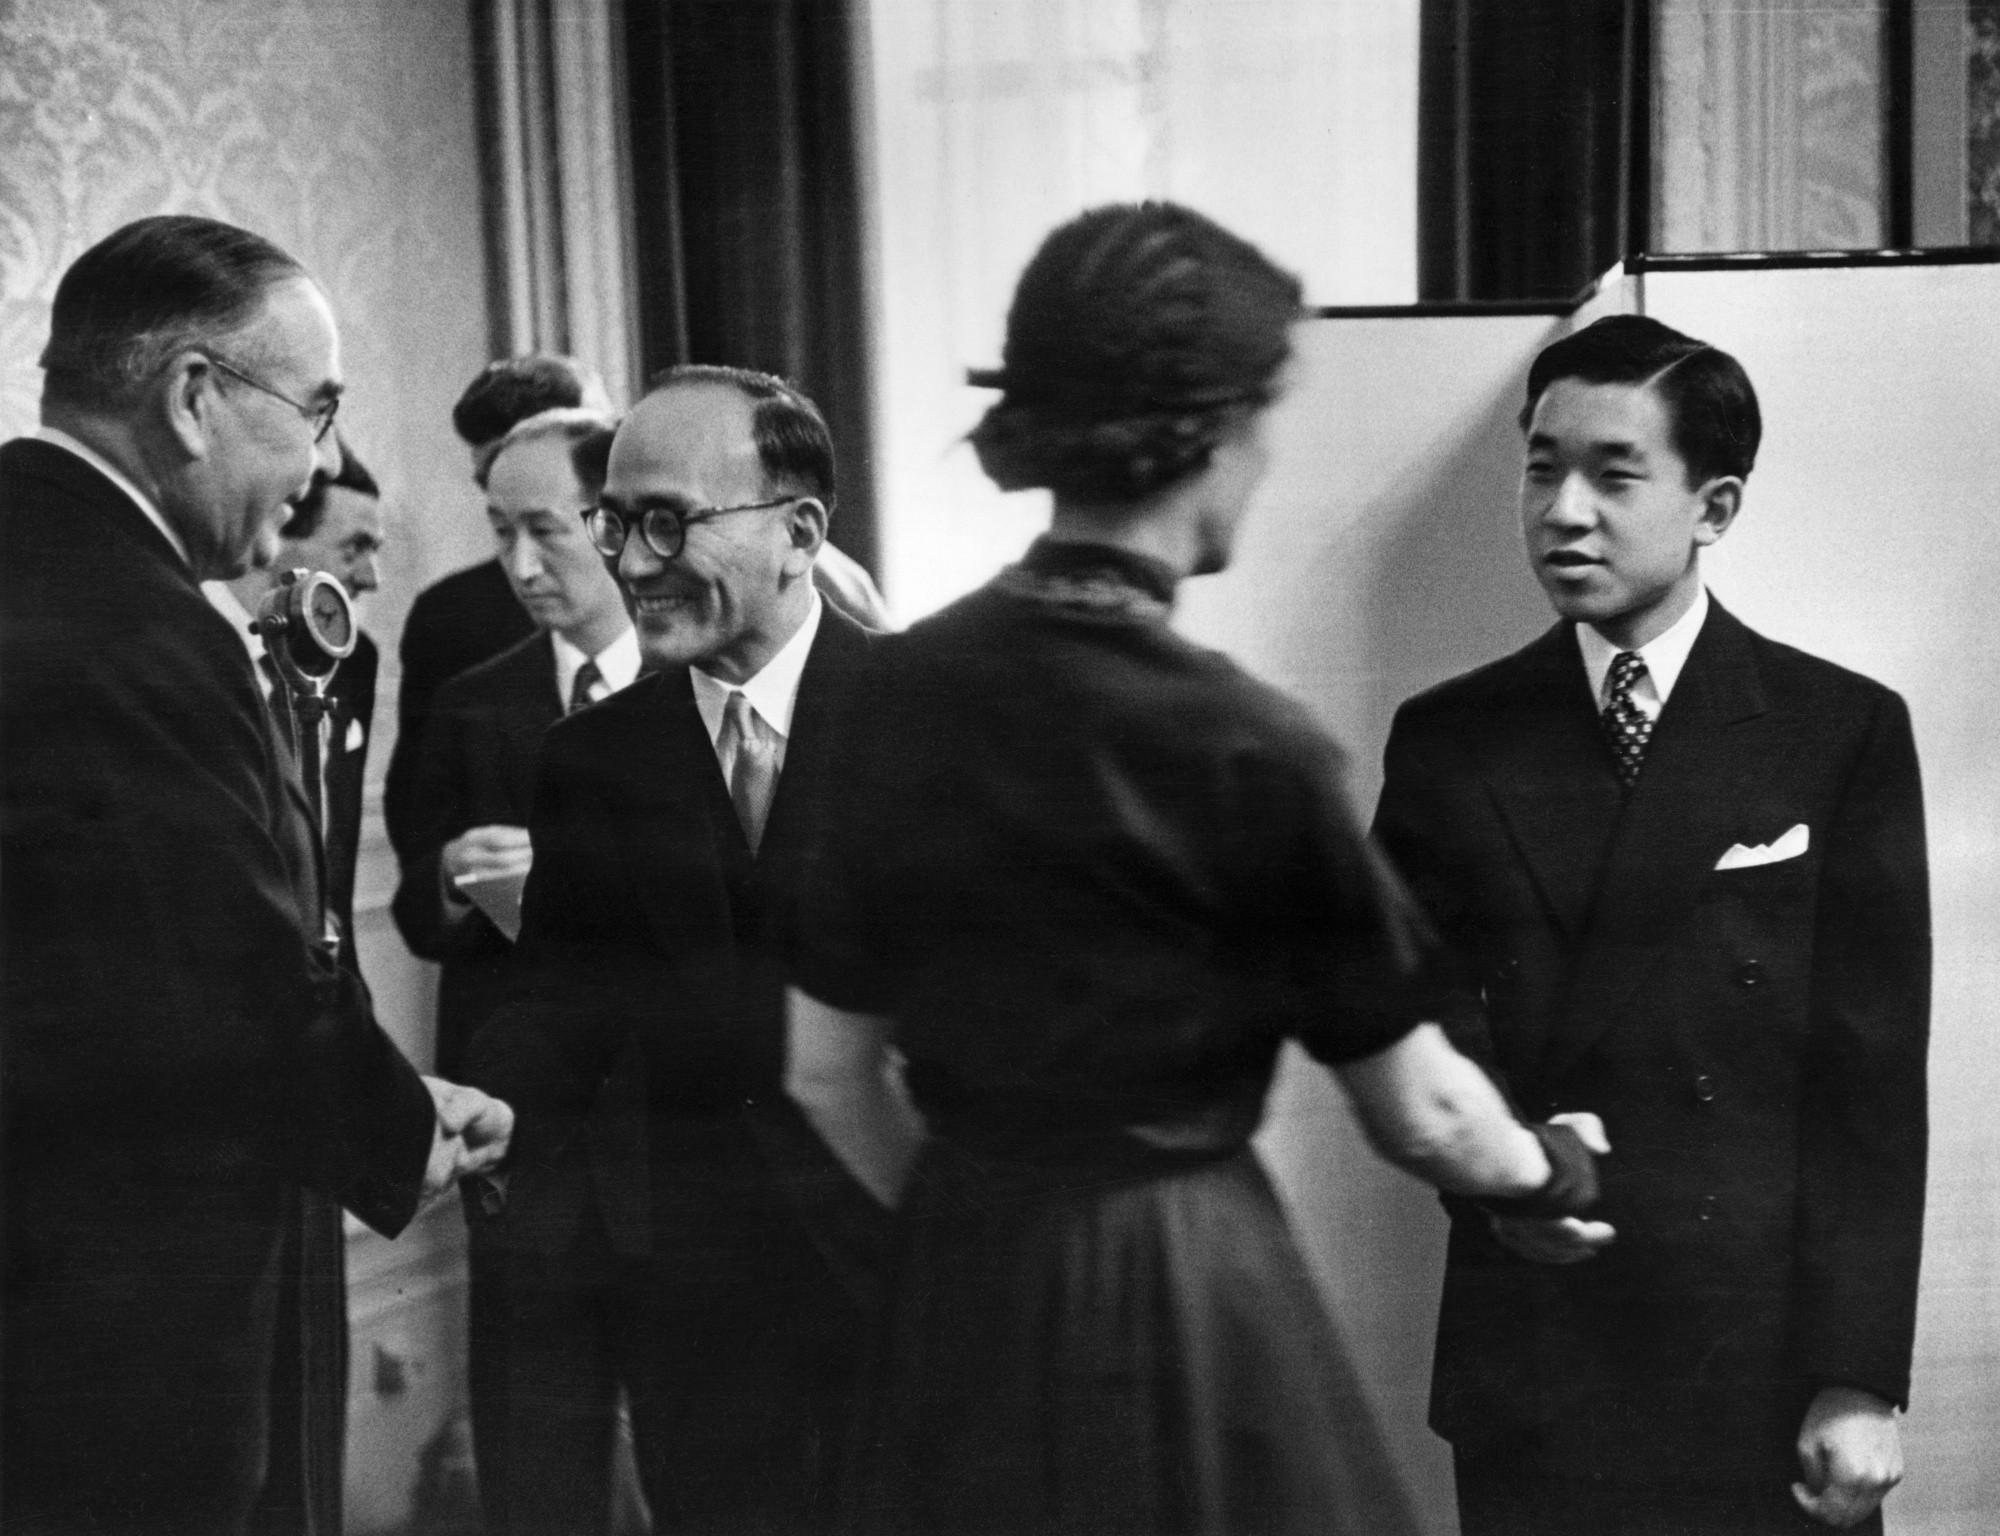 Nhật Hoàng Akihito: Vị hoàng đế của nhiều lần đầu tiên - Ảnh 3.